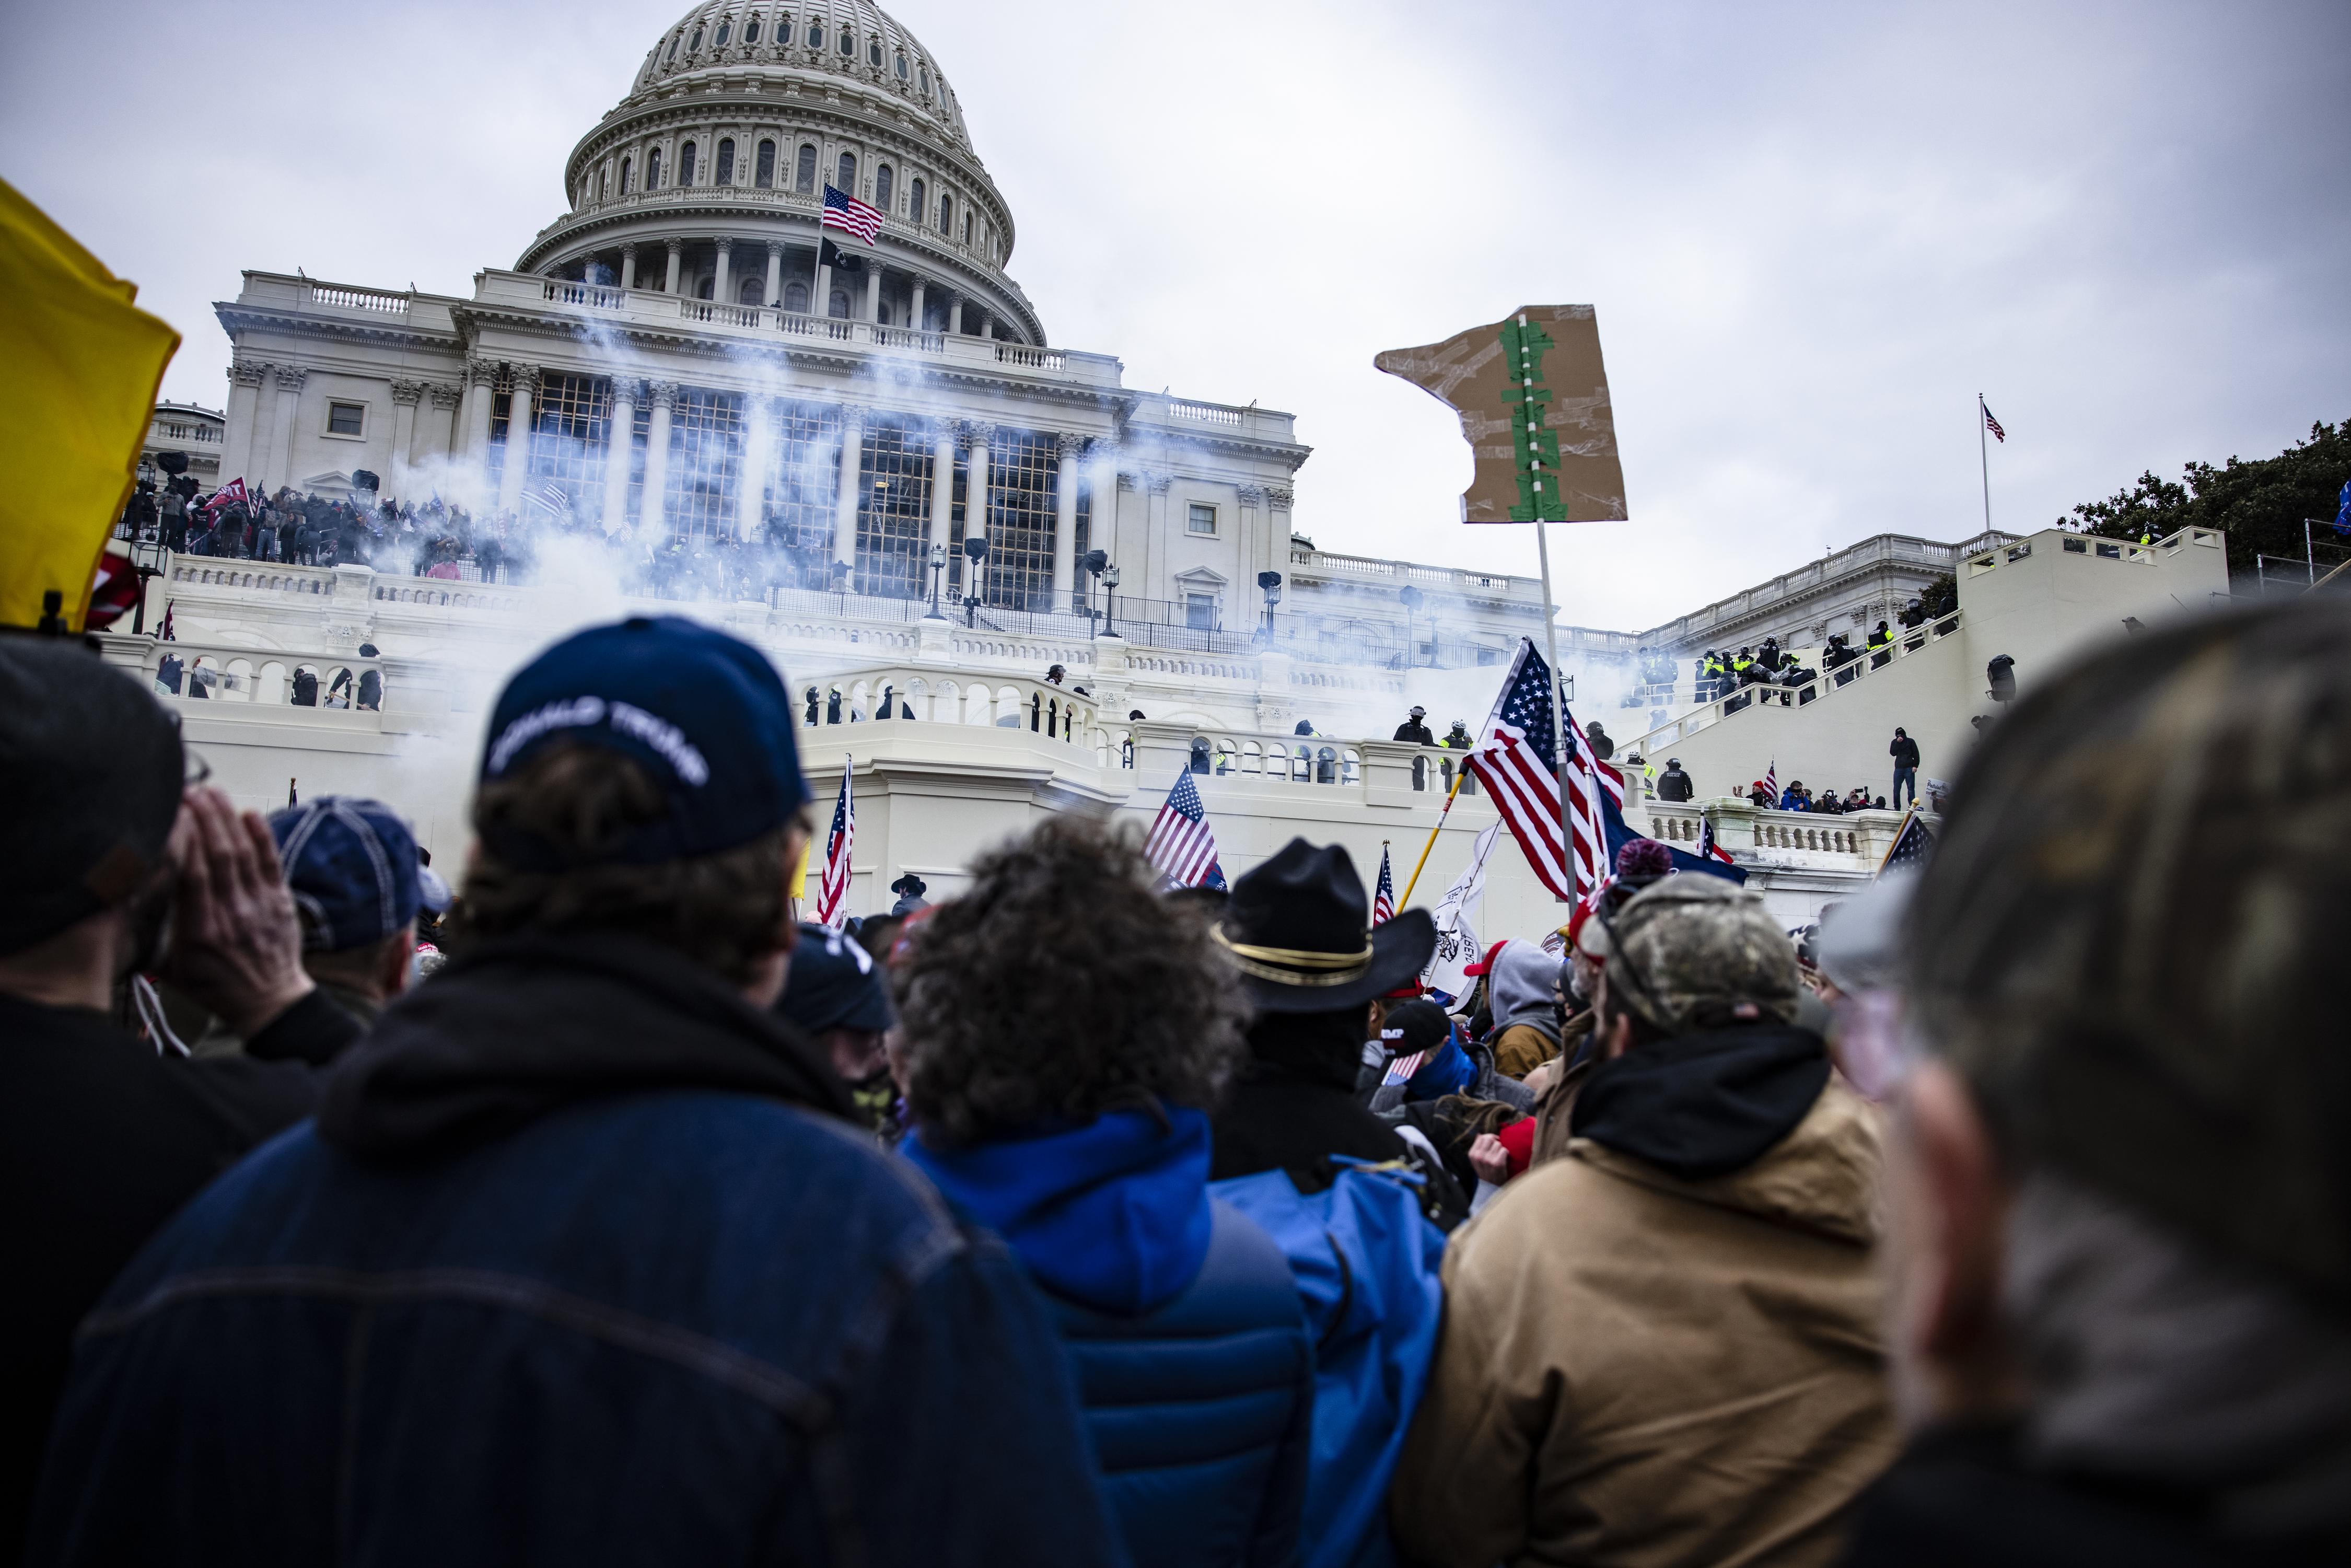 After Capitol Riot, Critics Highlight Rise of 'Free Speech Social Network' Parler – NECN